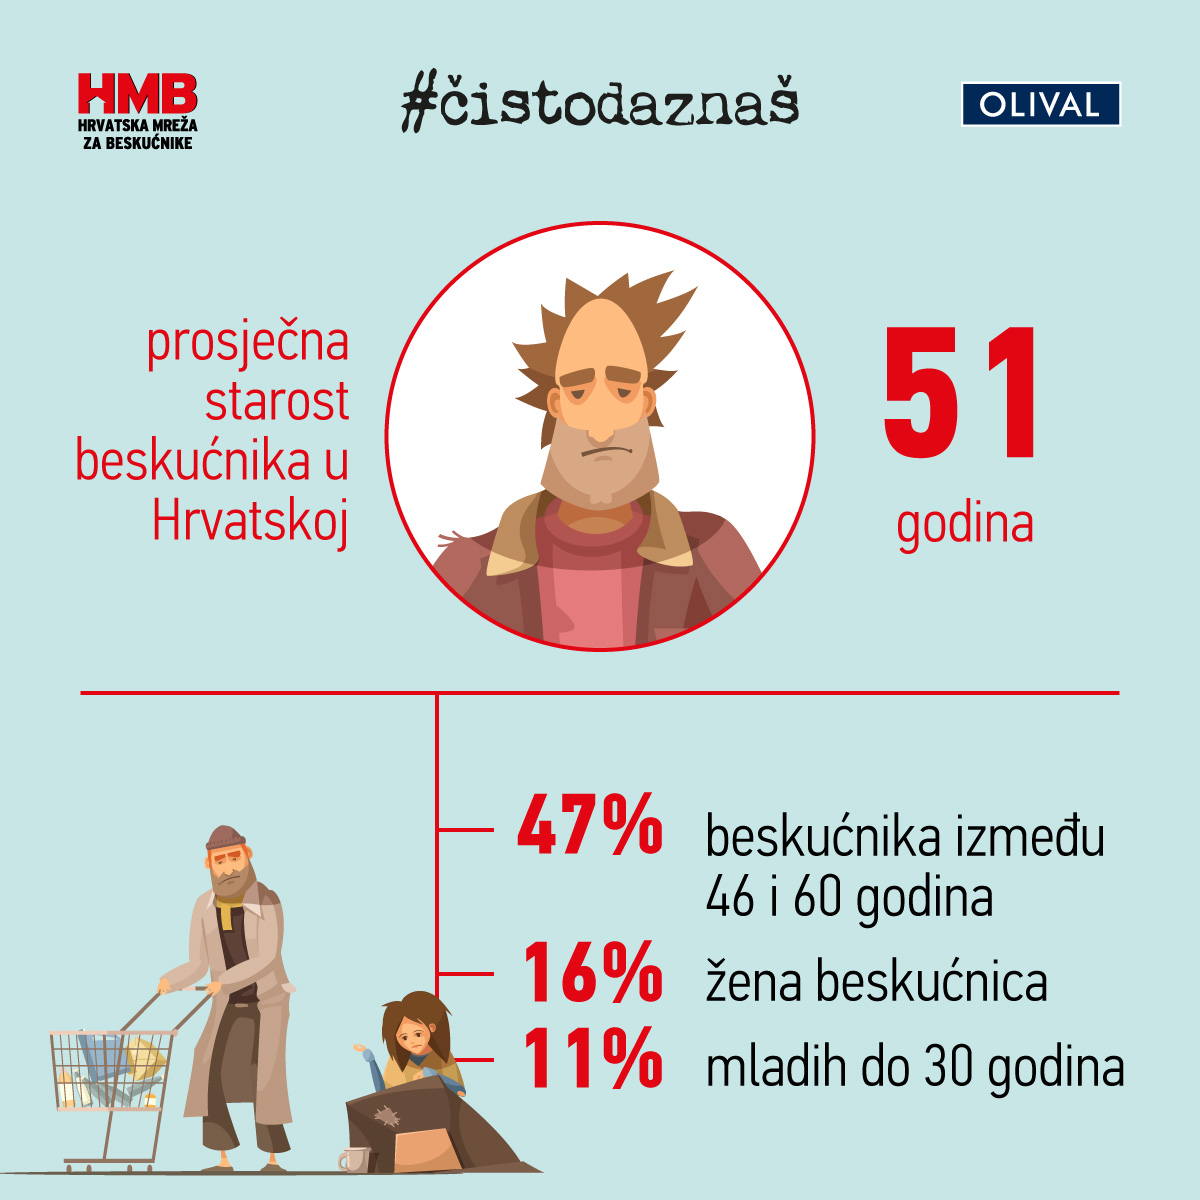 Olival i Hrvatska mreža za beskućnike pokrenuli humanitarni projekt #čistodaznaš